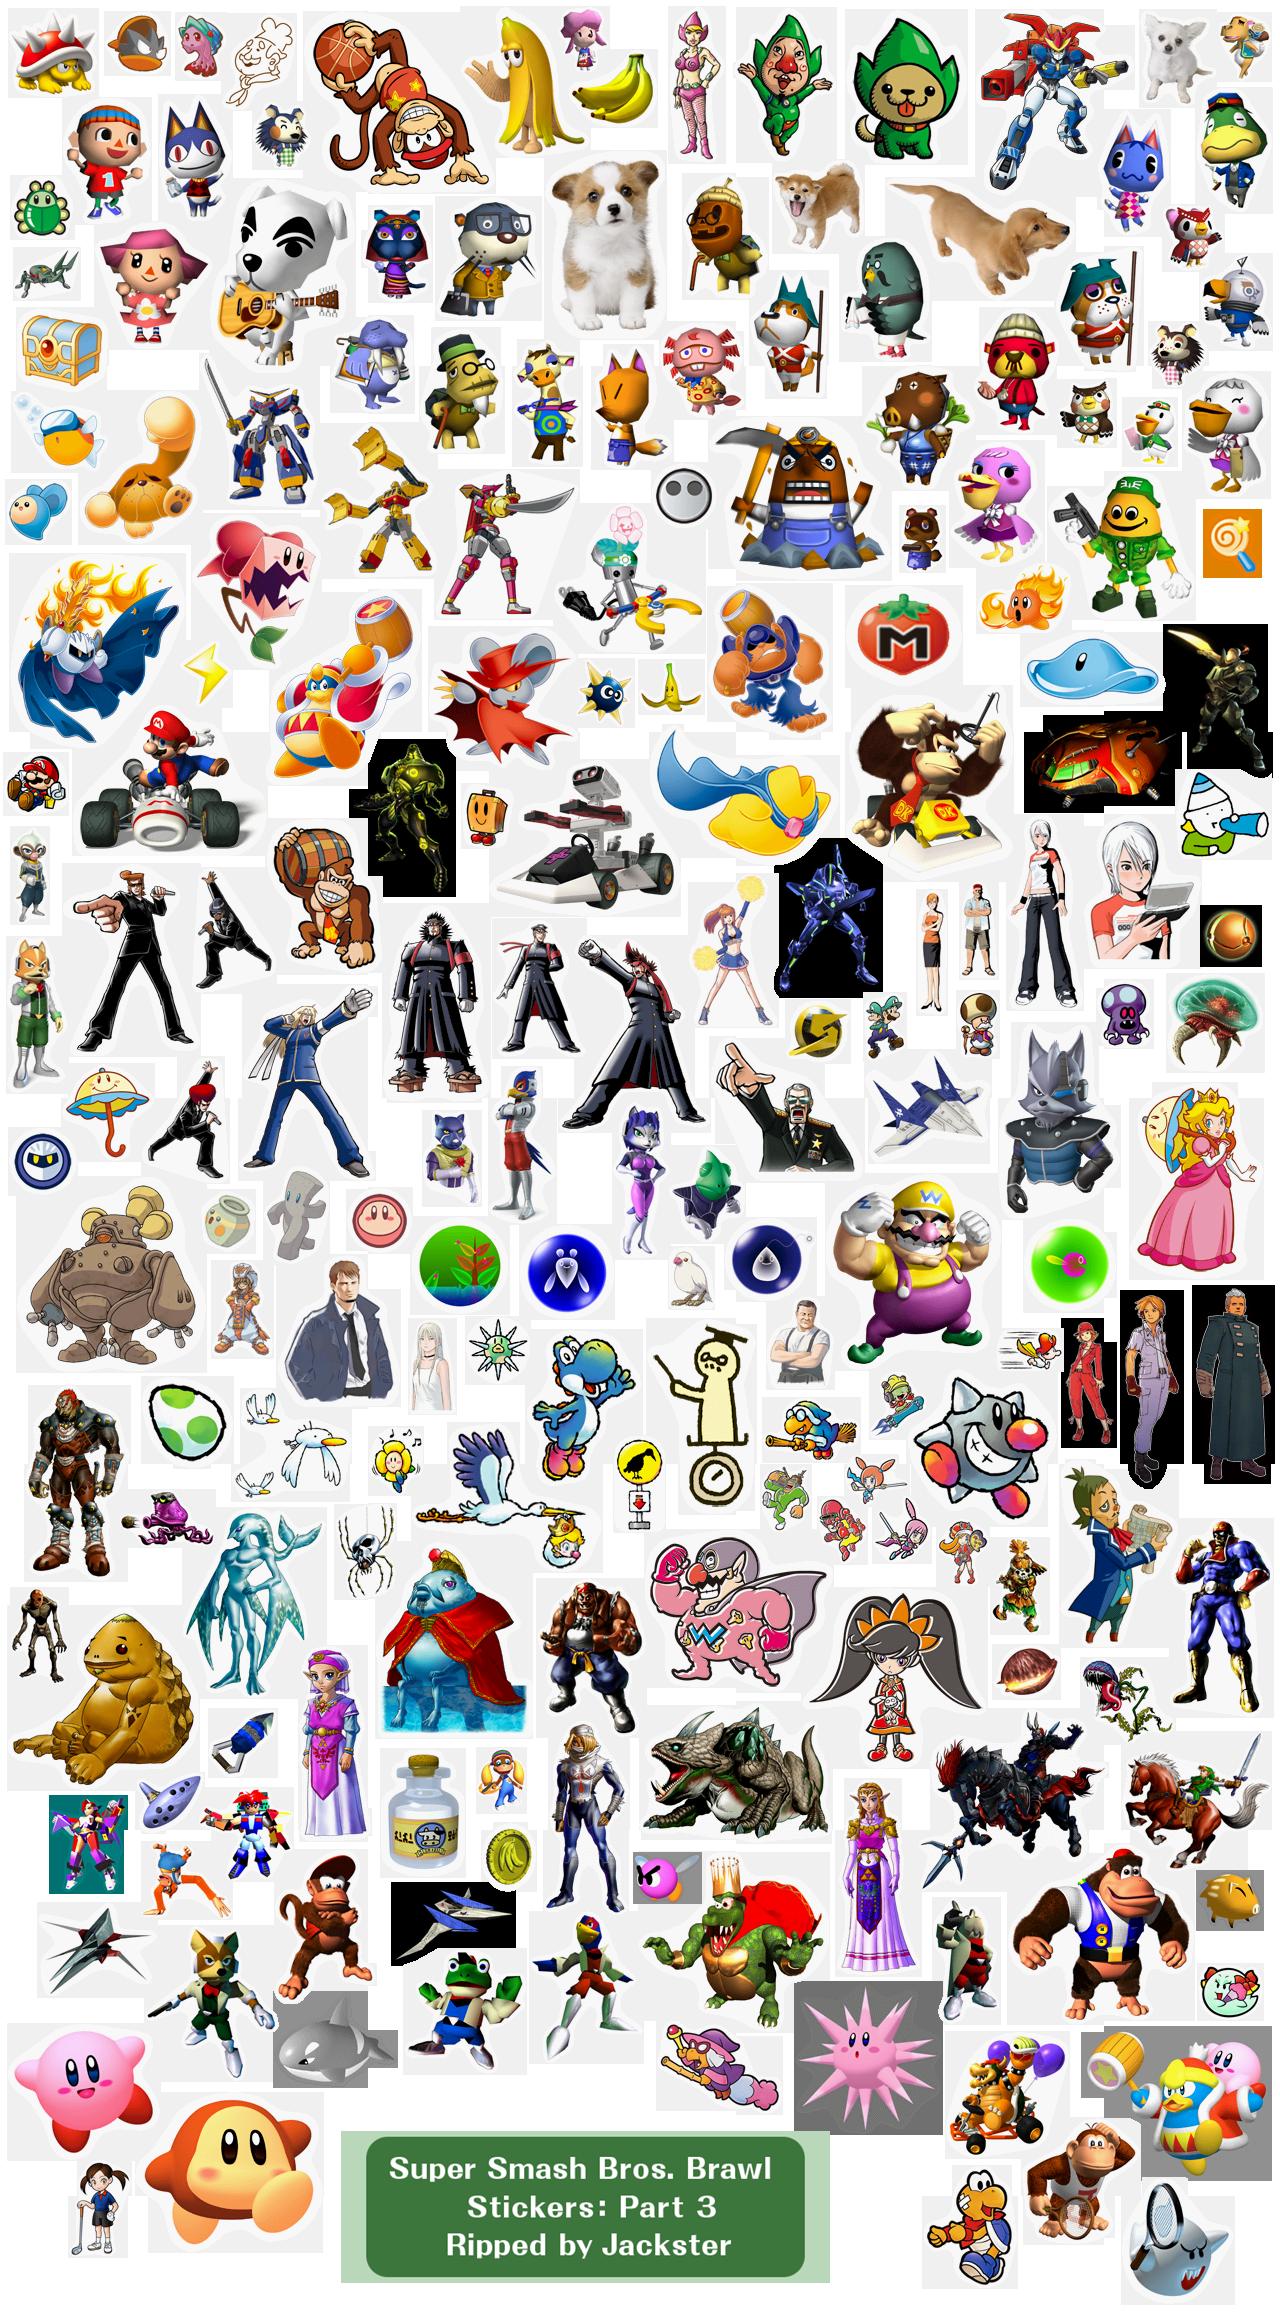 How to get all stickers? - Super Smash Bros. Brawl Forum ...